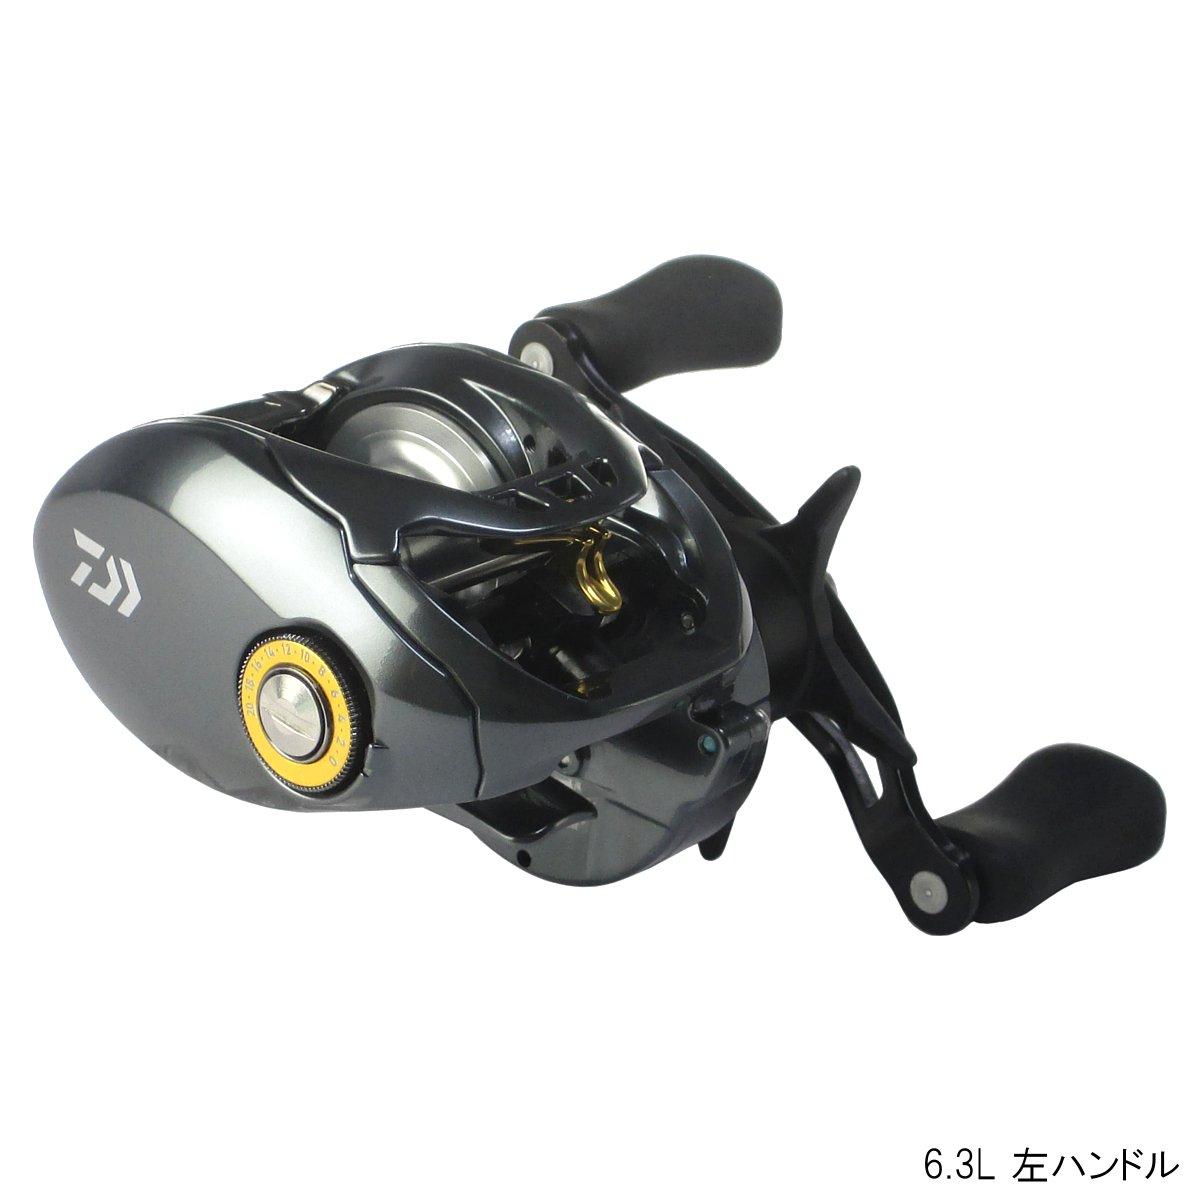 ダイワ タトゥーラ SV TW 6.3L 左ハンドル(東日本店)